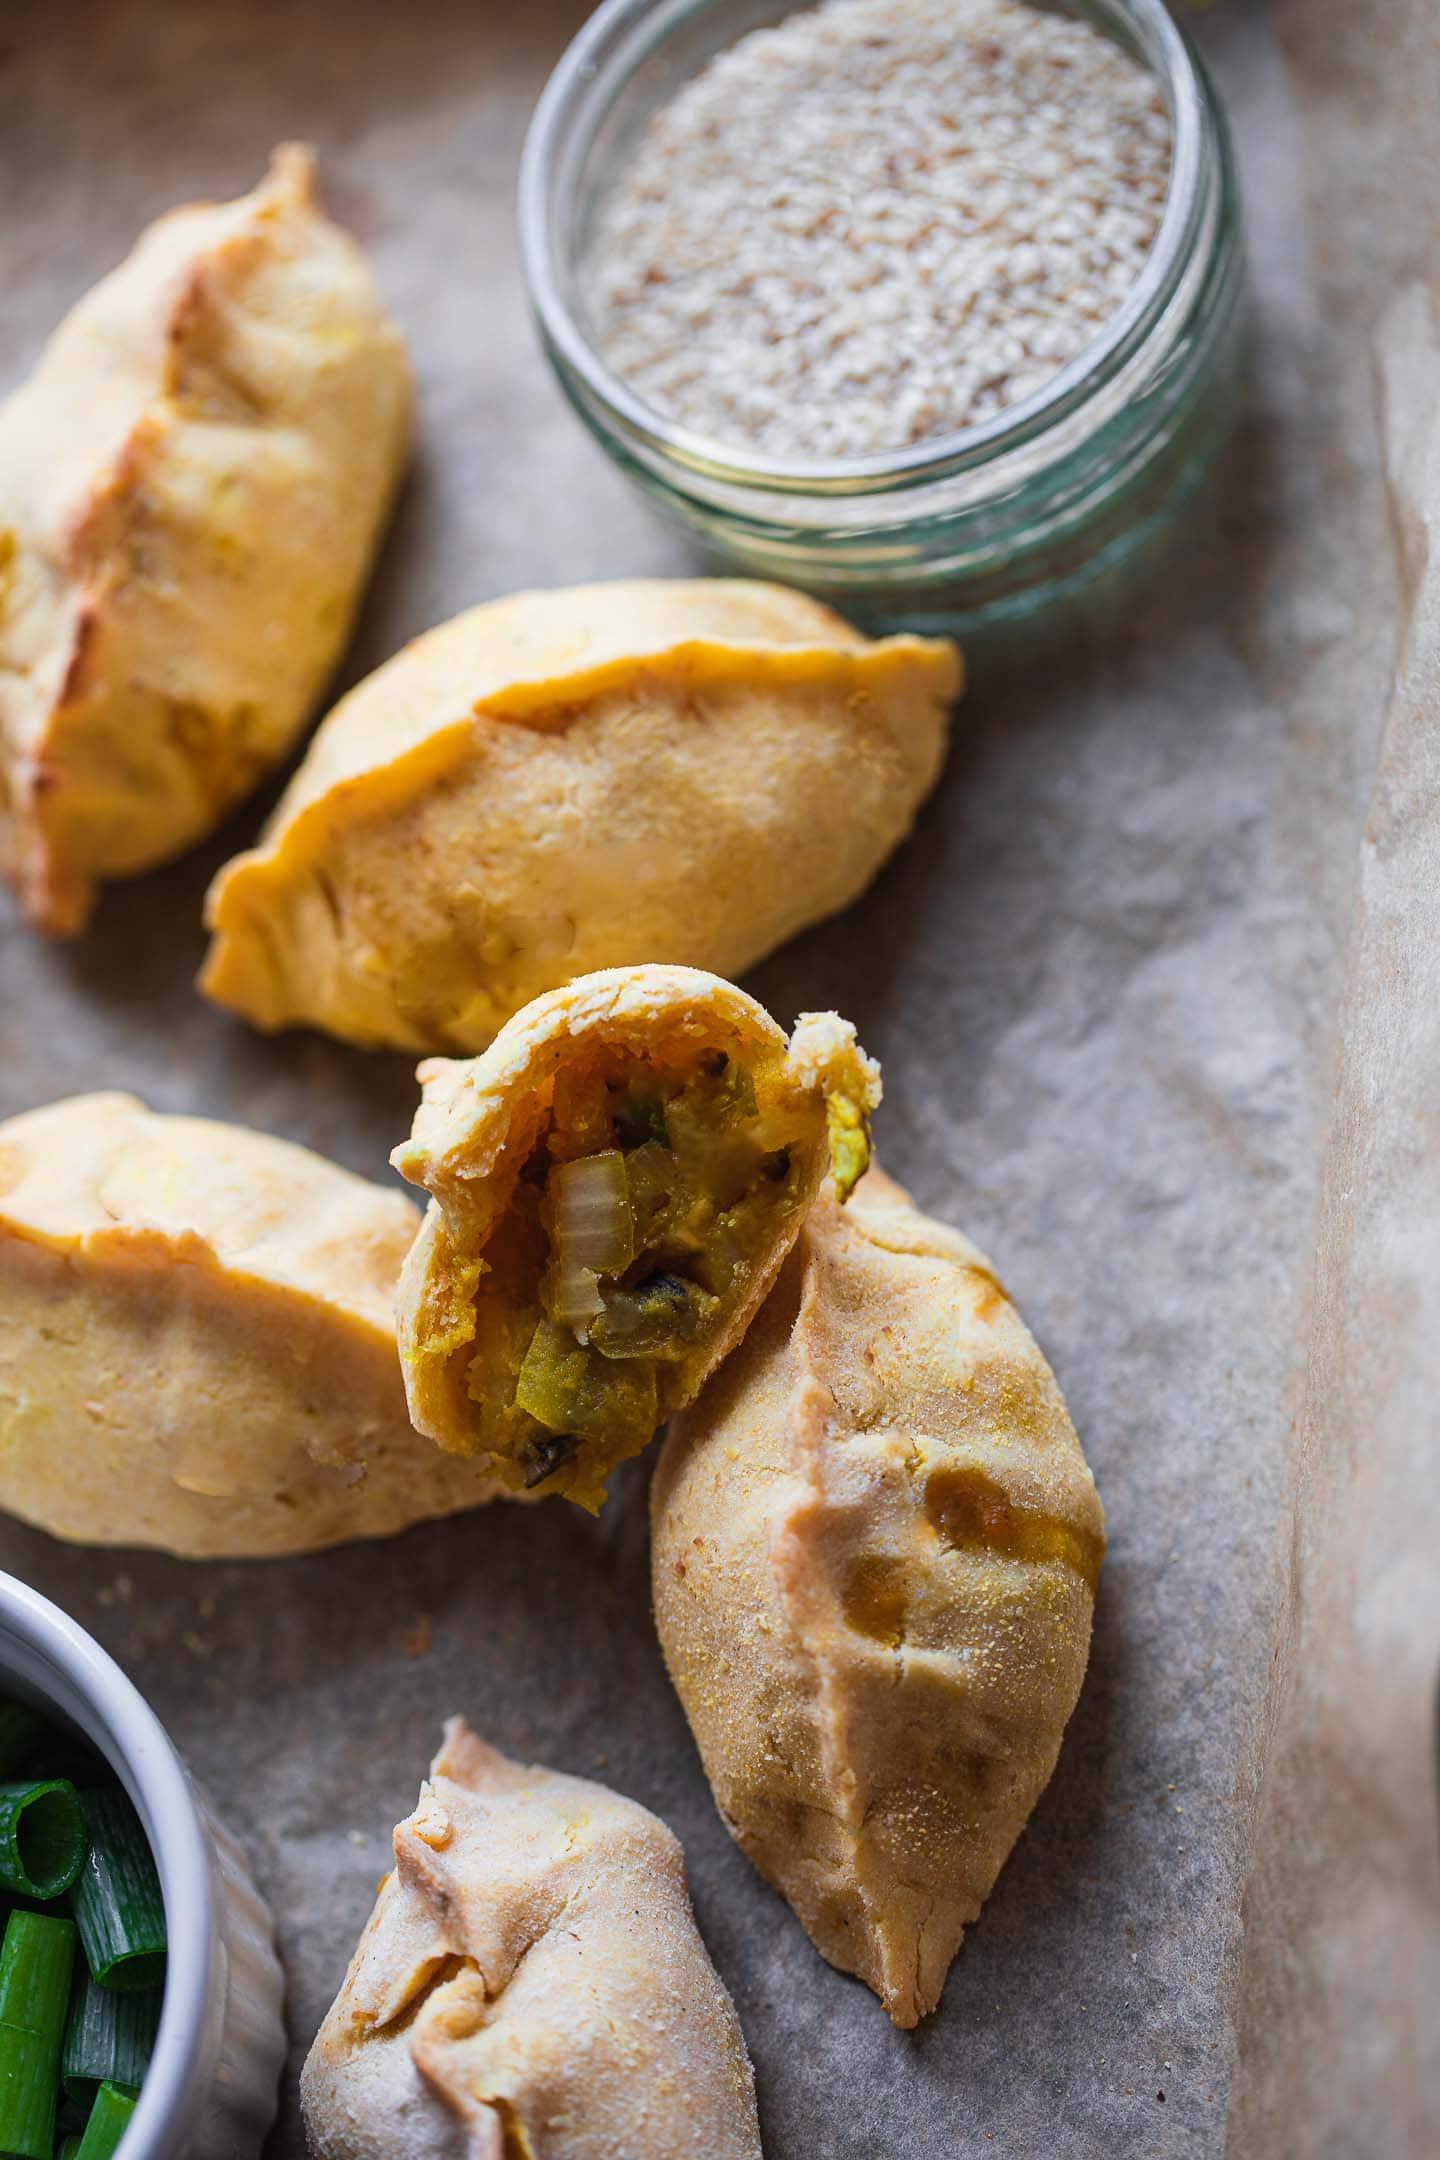 Gluten-free vegan piroshki with mushrooms and potatoes